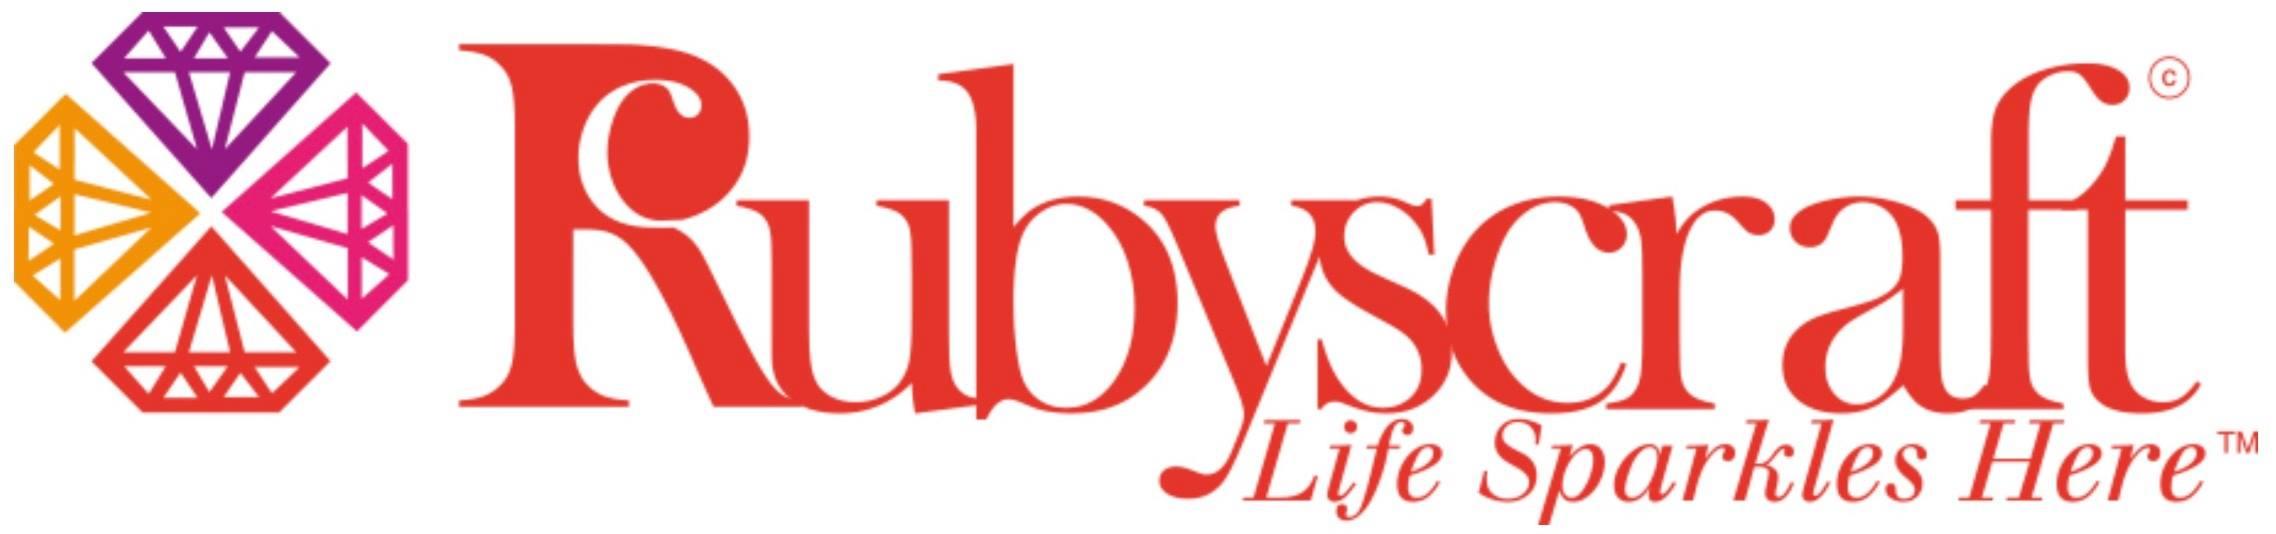 Rubyscraft